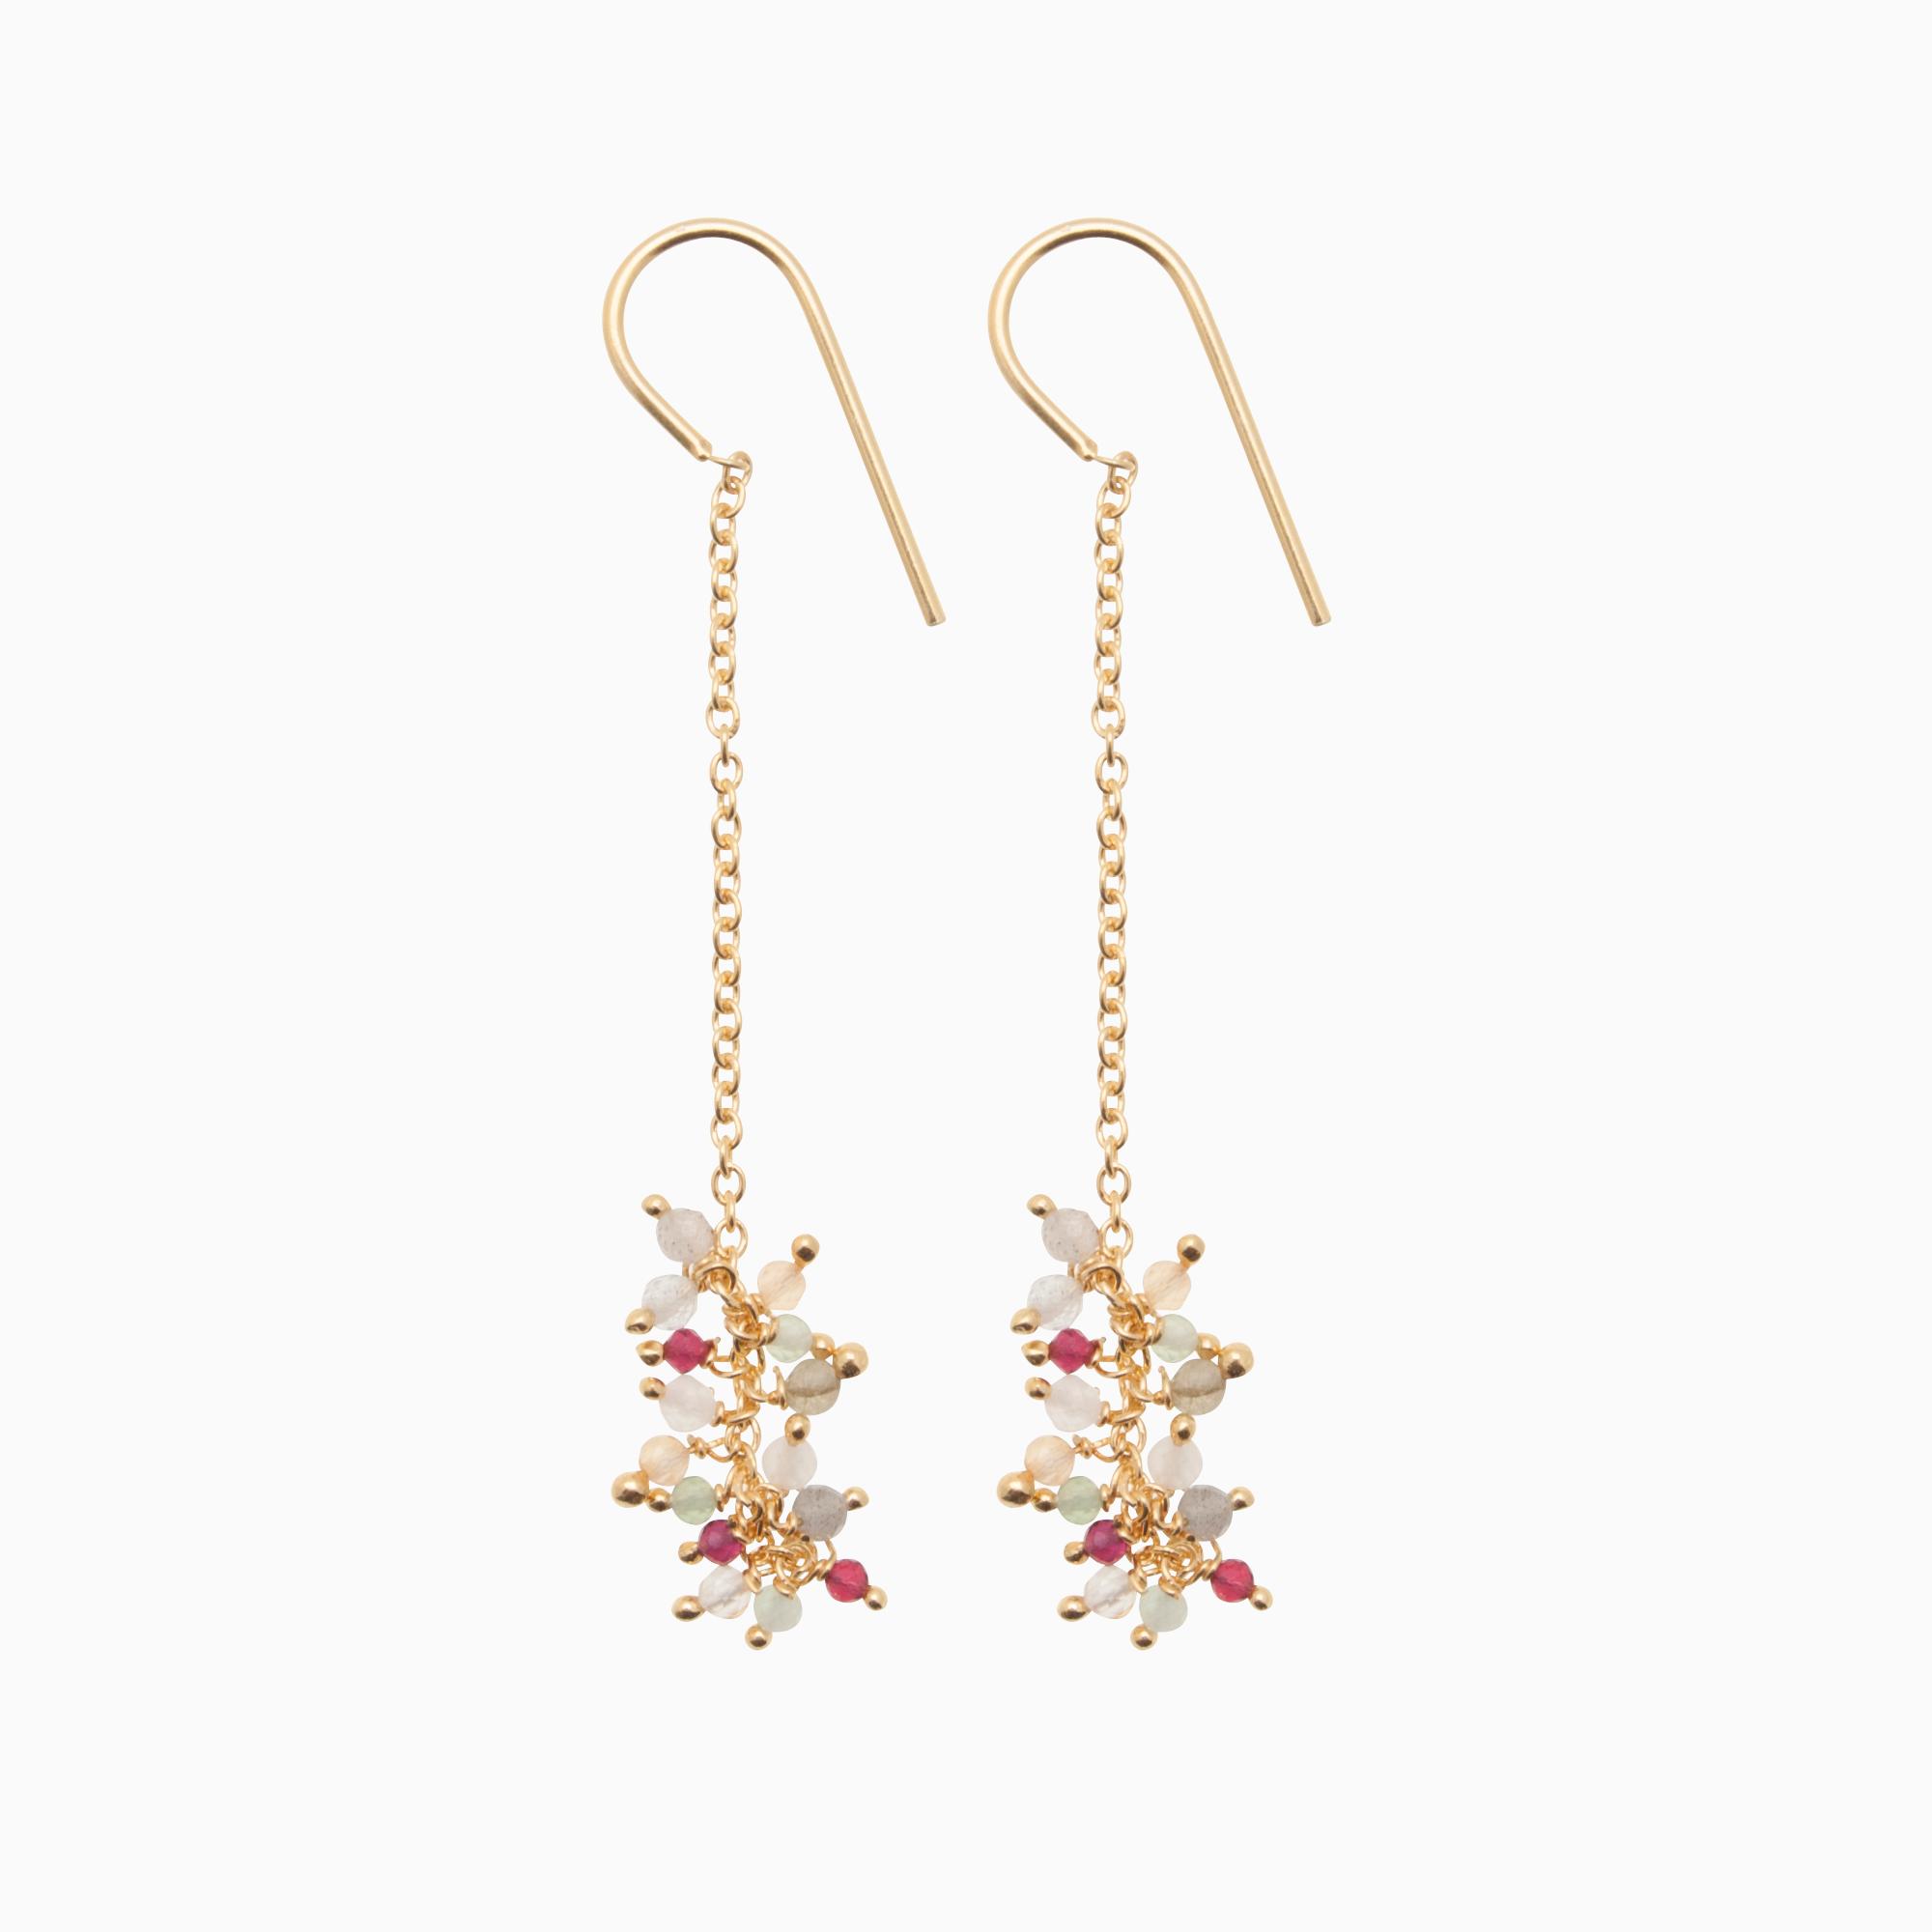 Øreringe med guldkæde og gemstones, multifarvet | no. 778